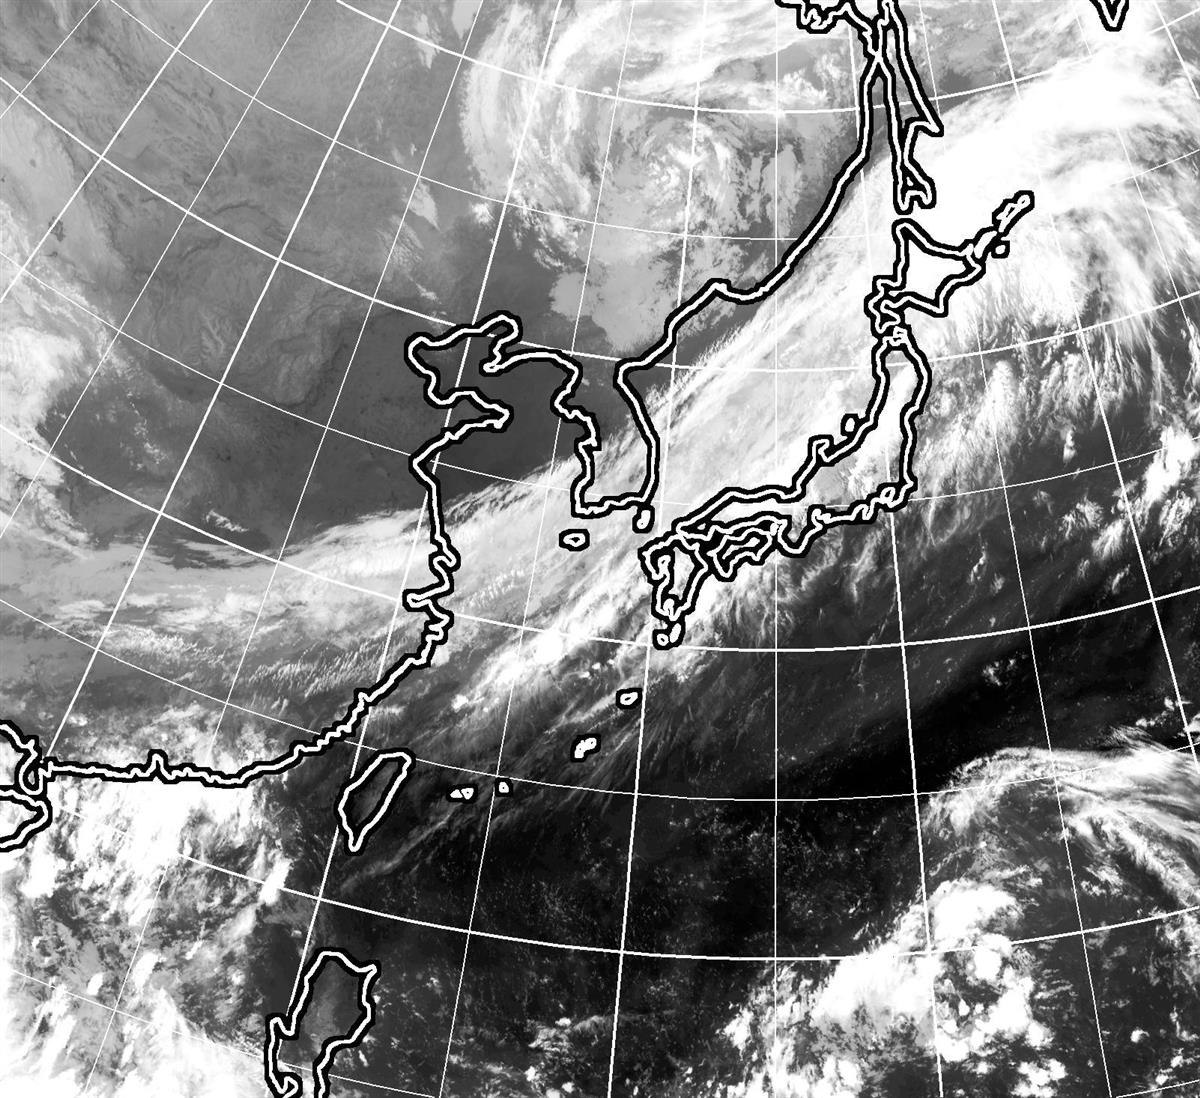 西~北日本で局地的大雨の恐れ 前線や低気圧影響